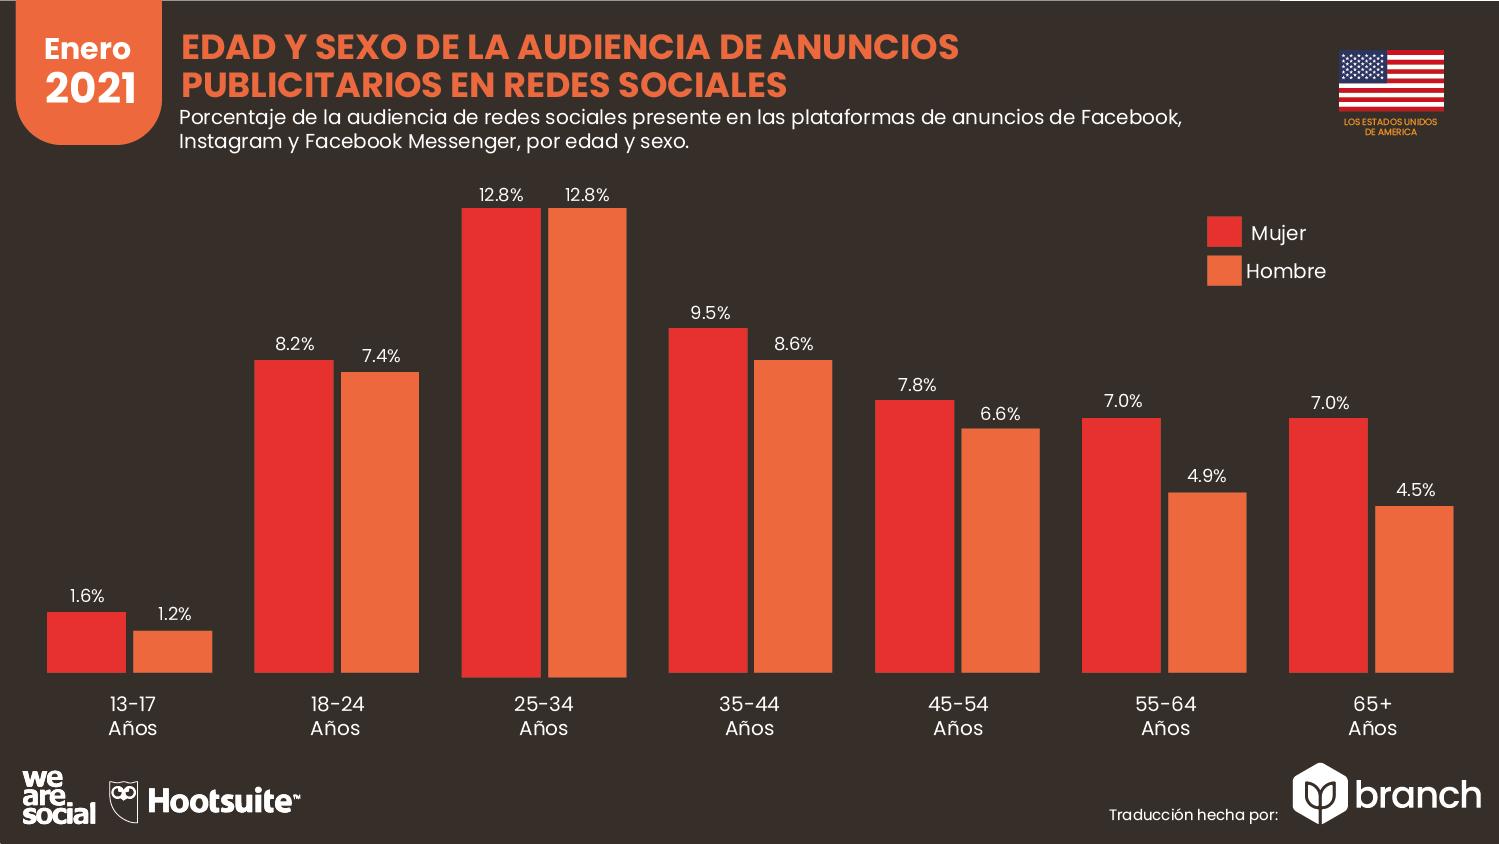 edad-y-sexo-de-la-audiencia-de-anuncios-publicitarios-usa-2020-2021